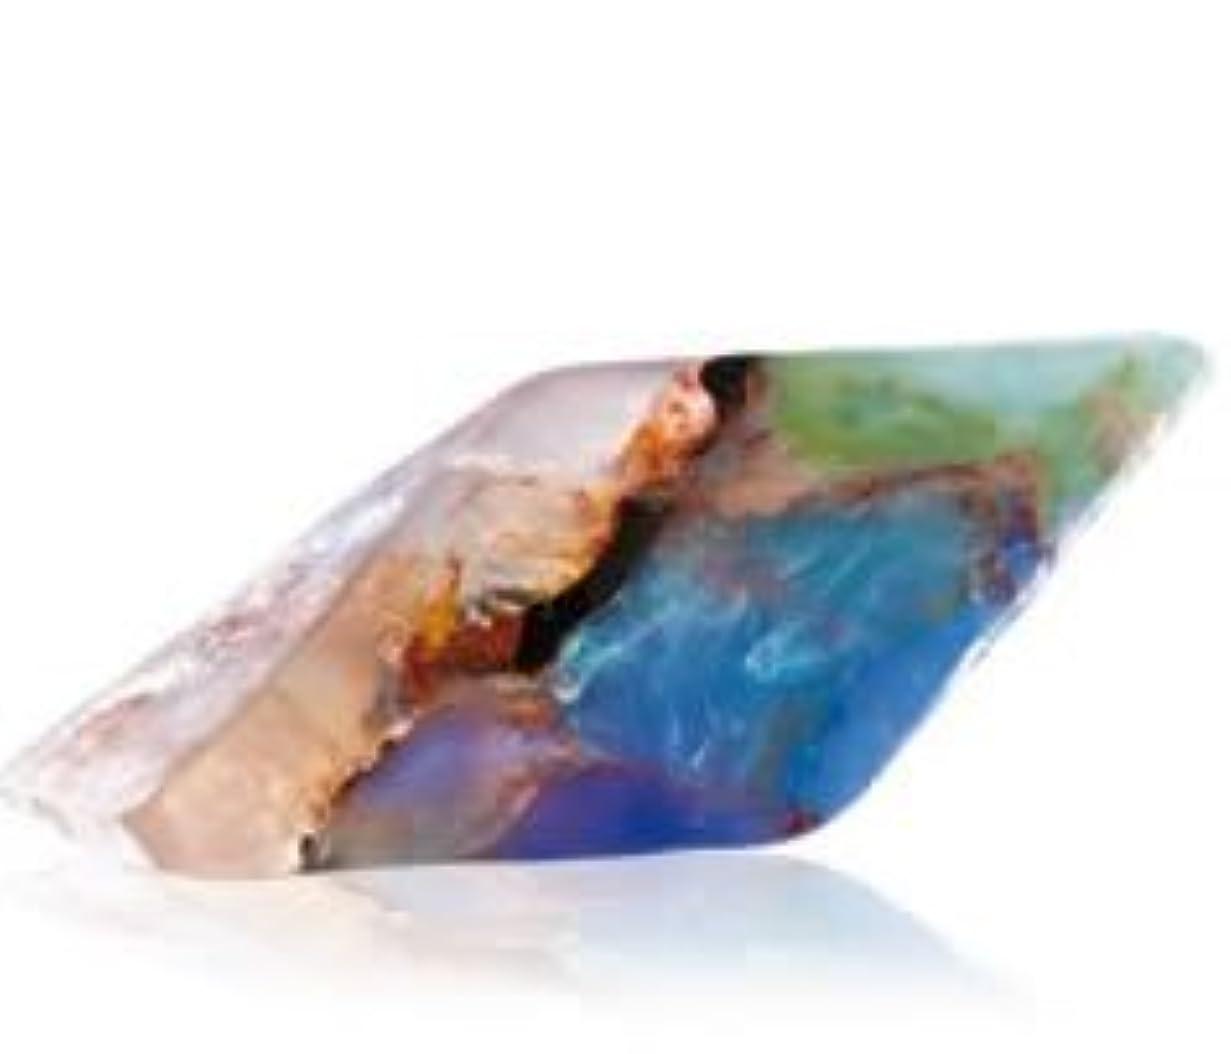 破壊すごい彼Savons Gemme サボンジェム 世界で一番美しい宝石石鹸 フレグランスソープ ブラックオパール 170g